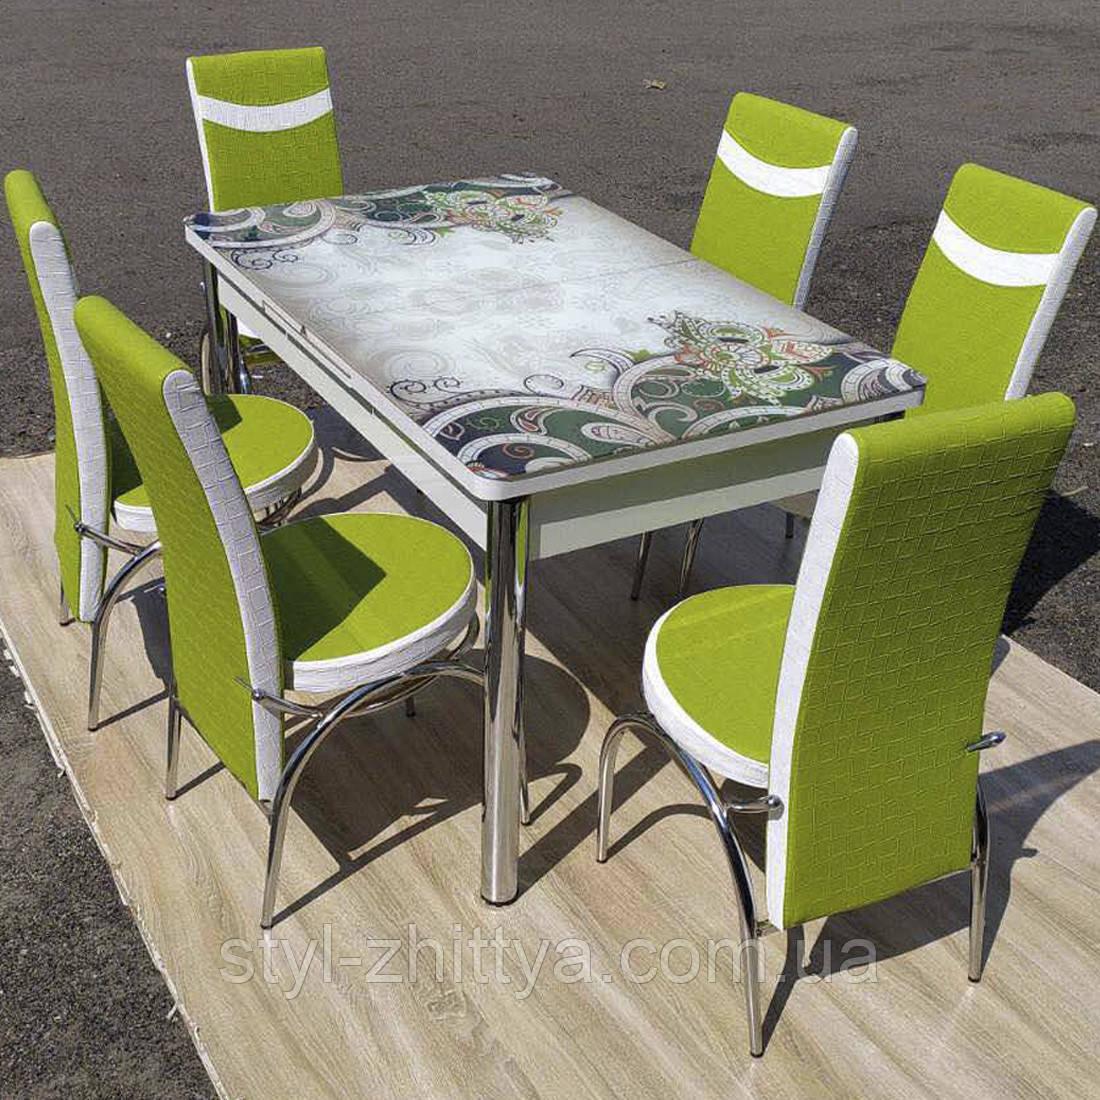 6-035 Стіл розкладний зі скла і 6 стільців